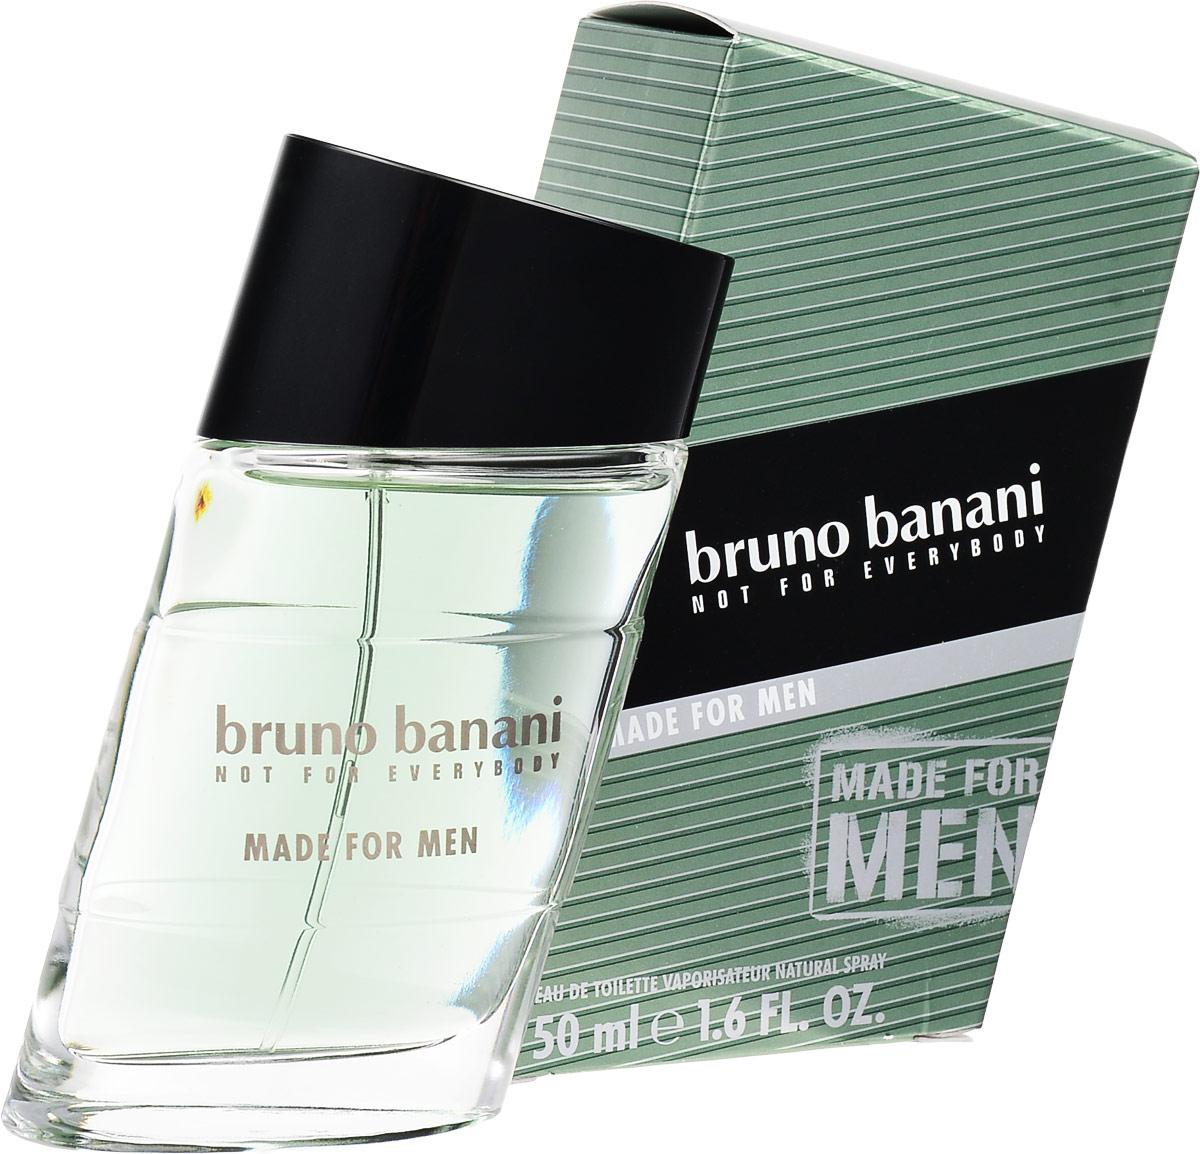 Bruno Banani Made For Men Туалетная вода 50 мл (новая упаковка)8005610326870Made for Men - новый мужской аромат от популярного немецкого дома моды Bruno Banani, известного своей экологически чистой продукцией. Аромат создан в 2010 году. Относится к группе ароматов фужерные. Made for Men от Bruno Banani излучает энергию, оптимизм, силу и какой-то оригинальный, незабываемый шарм. Made for Men создан для уверенного в себе соблазнителя-сердцееда. Композиция аромата начинается свежестью нот розмарина, бергамота и зеленого яблока, плавно растворяясь в кристально чистых ароматах: нотах воды и герани. К концу дня композицию дополнит древесно-мускусная база из нот дубового мха, мускуса, виргинского кедра и бобов тонка.